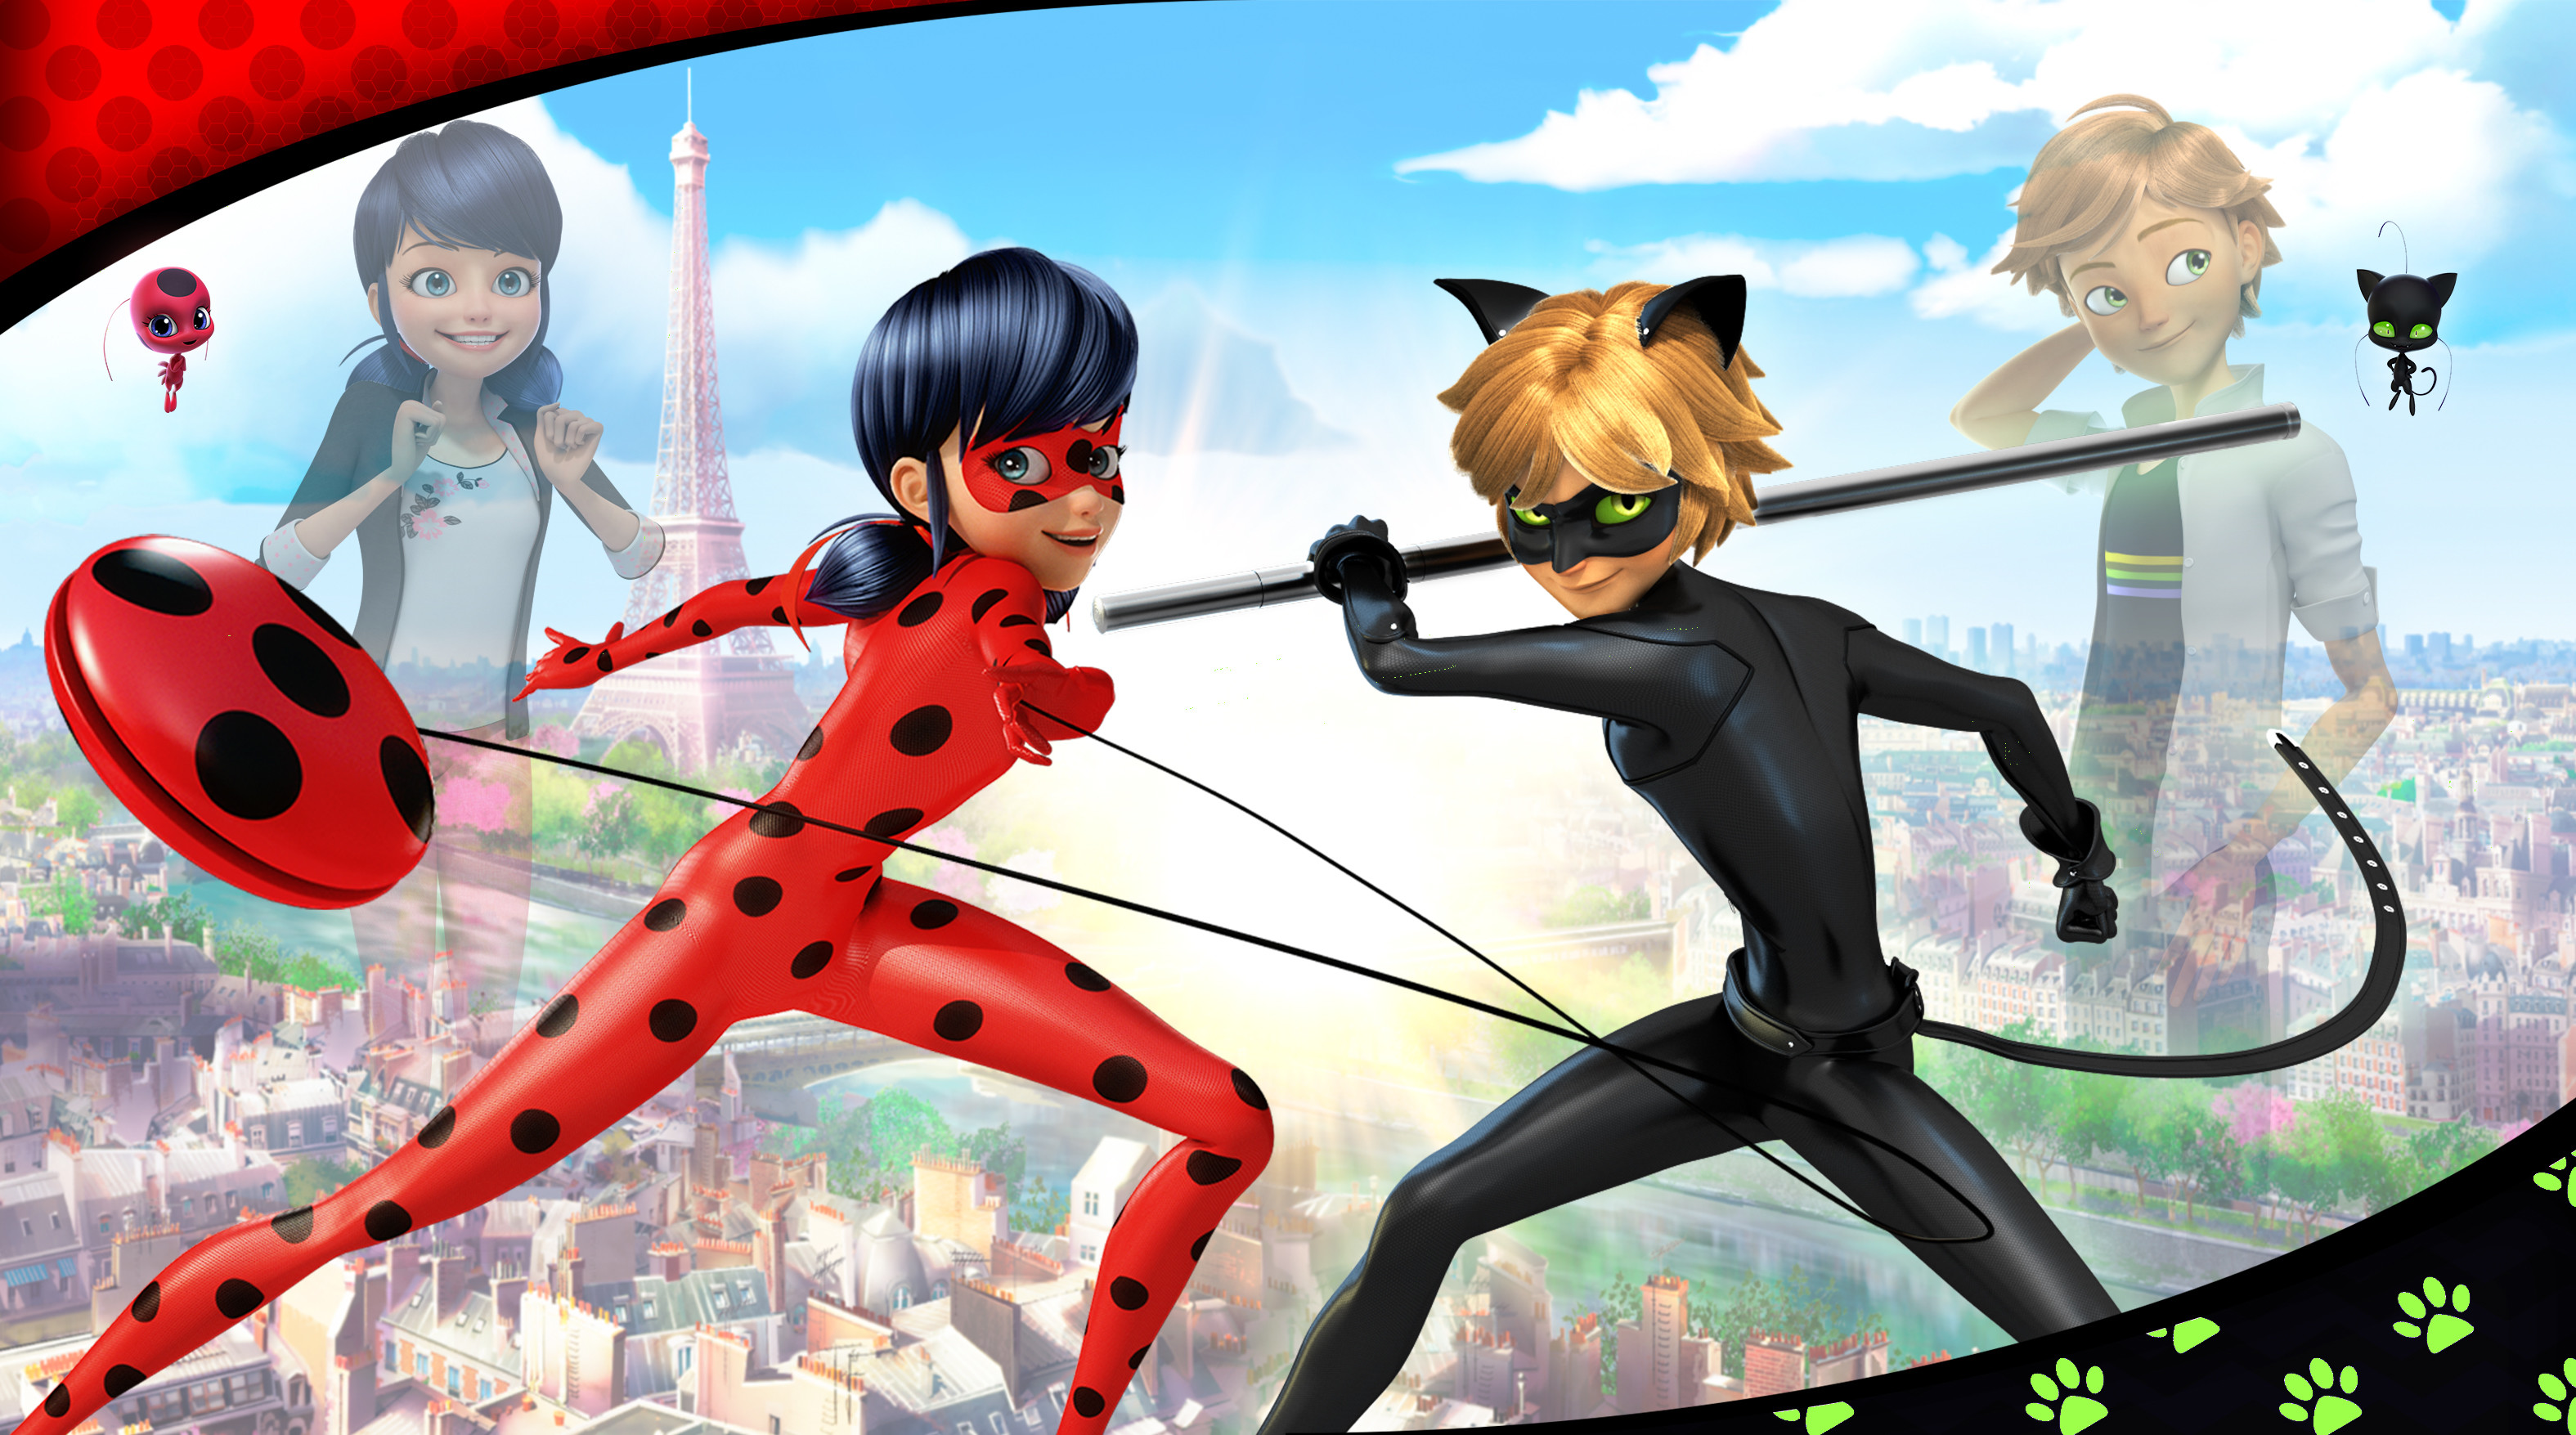 Miraculous: Tales of Ladybug & Cat Noir tendrá una OVA animada en 2D – Blog